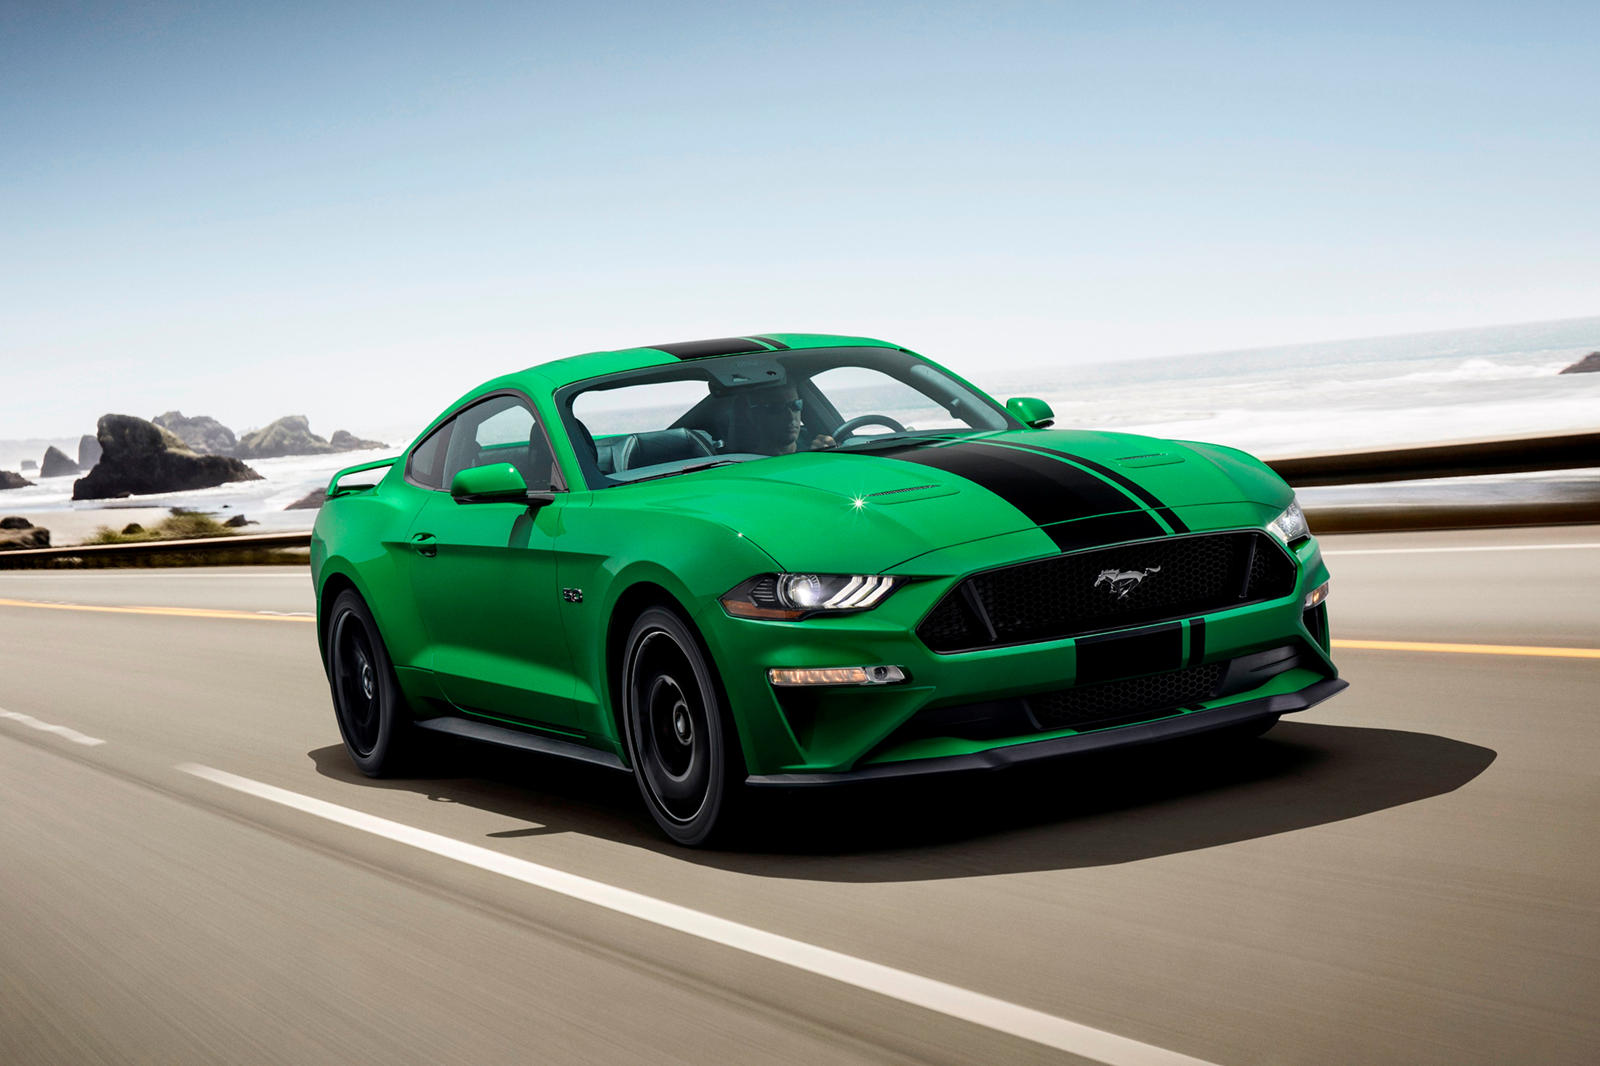 2021 Ford Mustang Bullitt